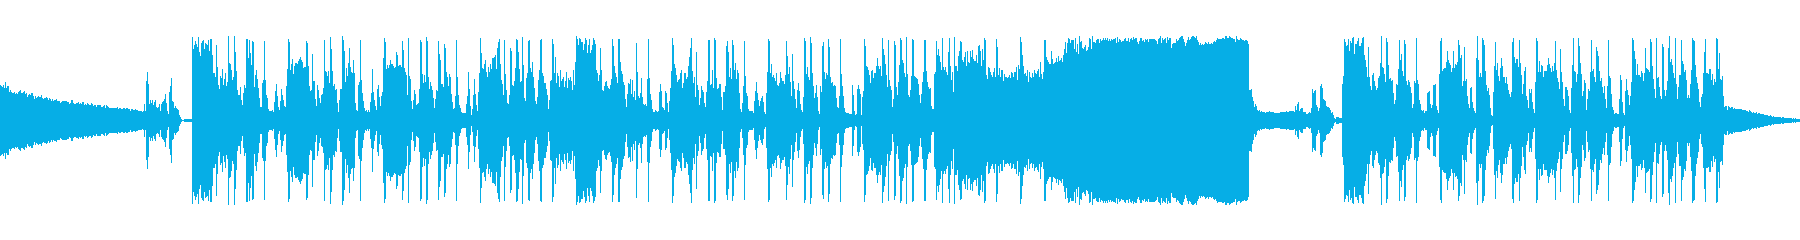 ファンキーでブルージーなジングルの再生済みの波形